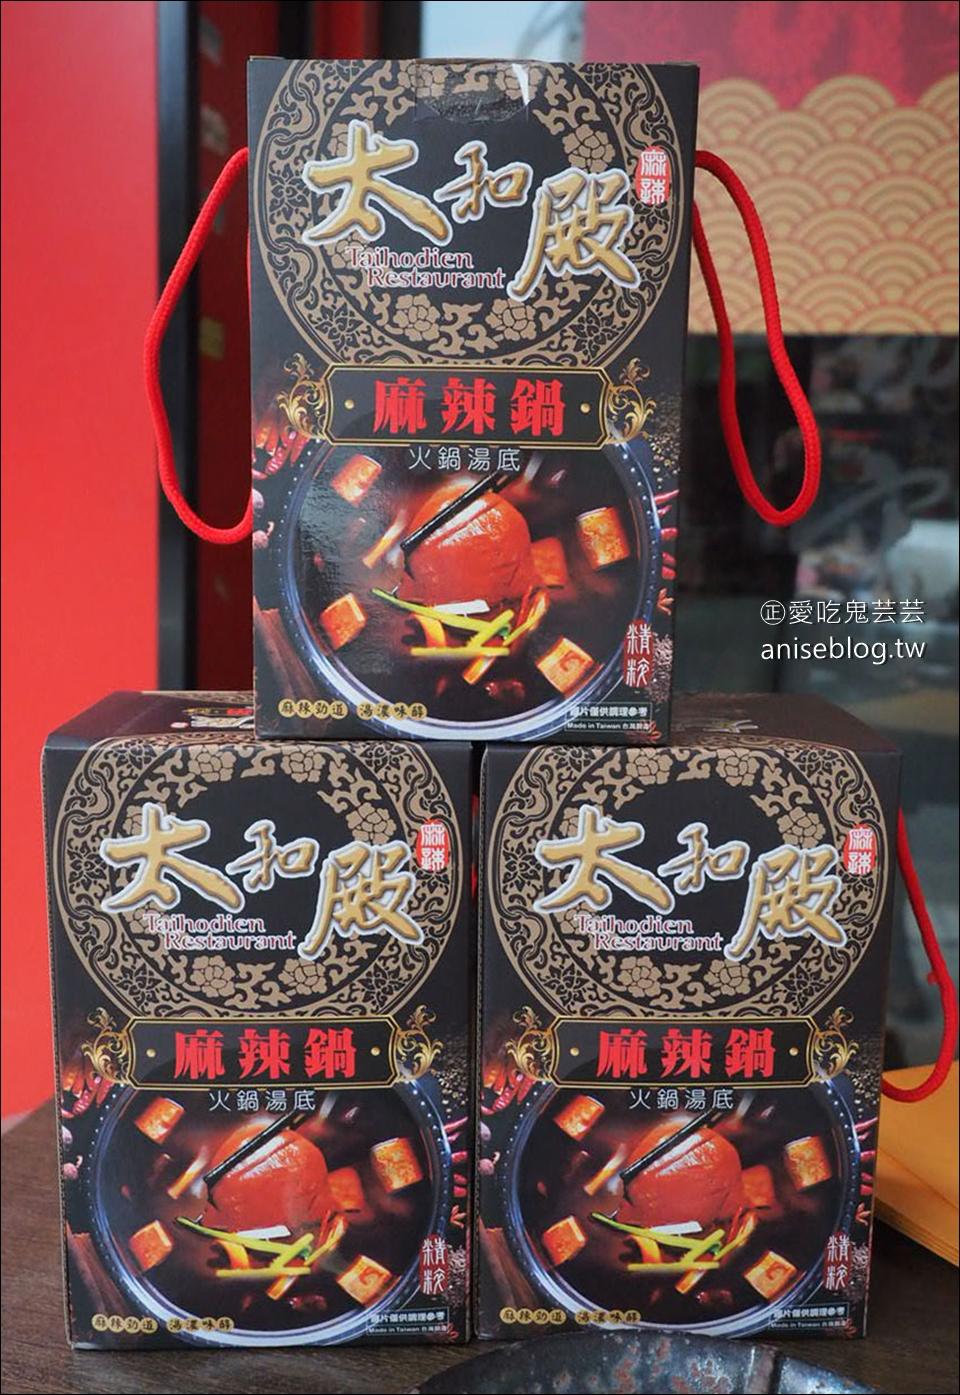 太和殿麻辣鍋鍋底 1/11 12:00準時開賣,限量1000份售完為止,$499含運比店面自取還便宜100元!